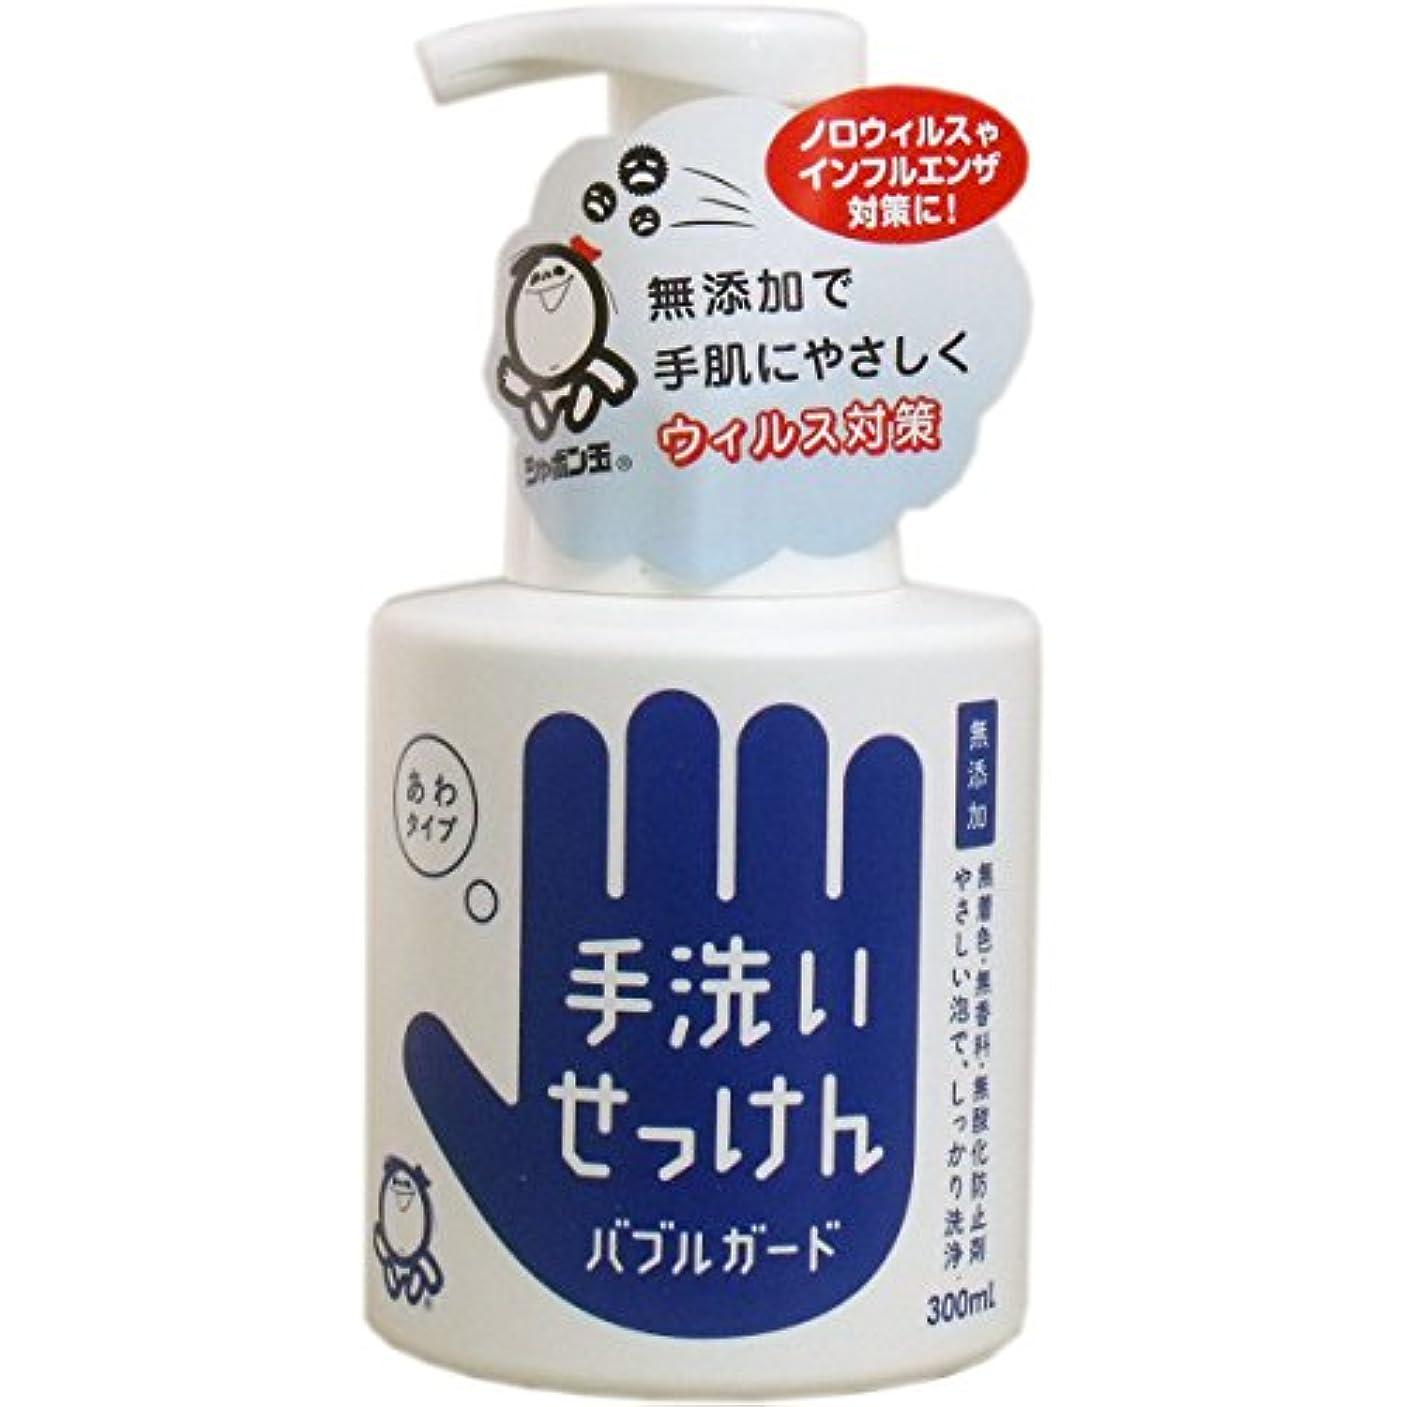 アルミニウムコンバーチブル乱気流[シャボン玉石けん 1602793] (ケア商品)手洗いせっけん バブルガード 泡タイプ 本体 300ml